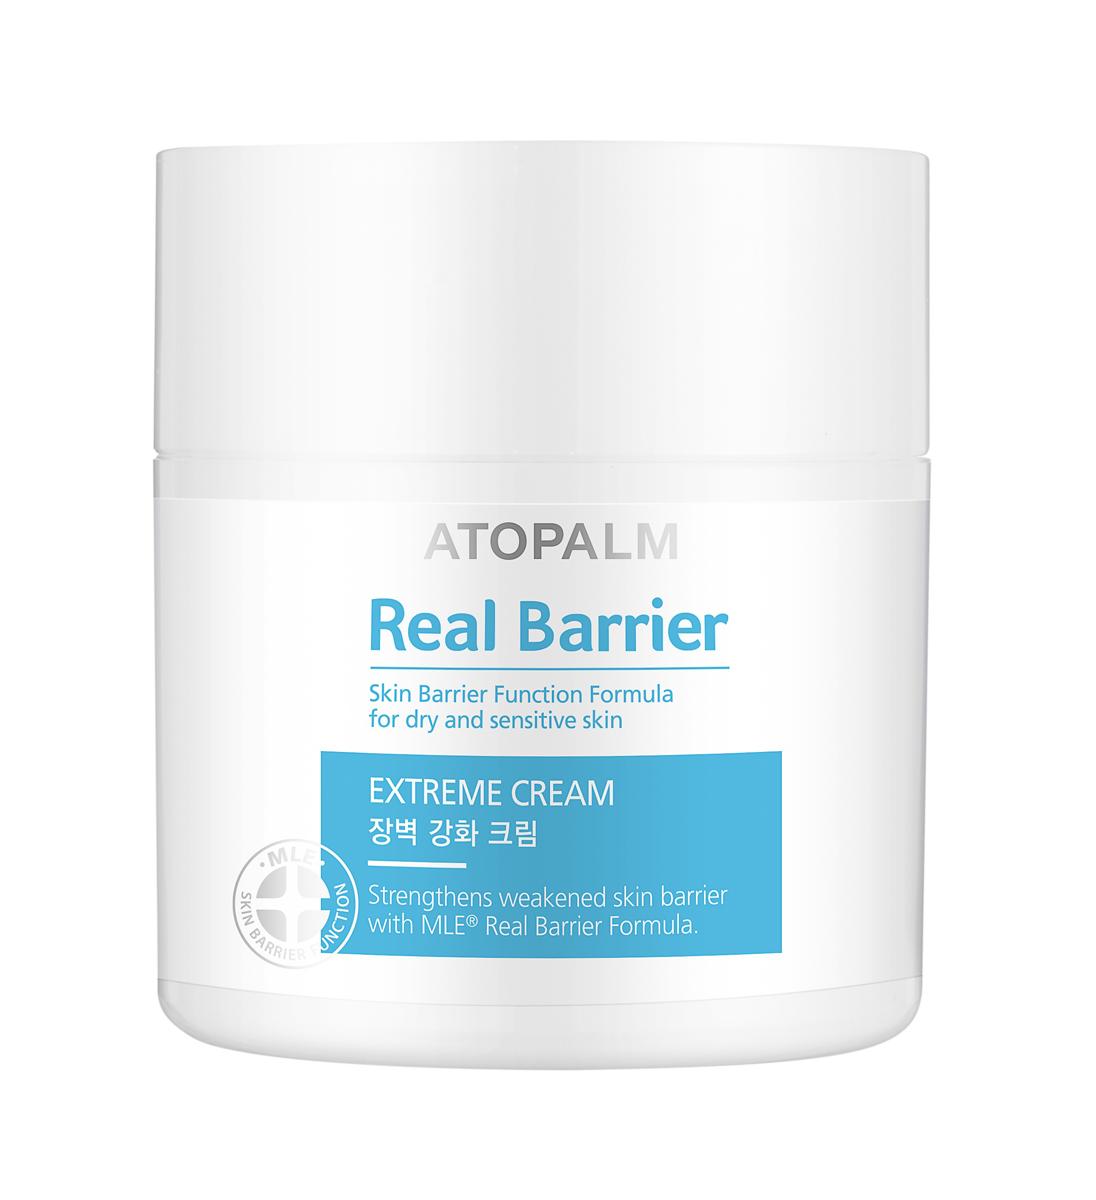 Atopalm Защитный крем Real Barrier, 50 мл8809048415638Компанияпроизводитель Neopharm разработала уникальную технологию защиты кожи, основанную на MLE. MLE – это многослойная эмульсия, которая воспроизводит слоистую структуру кожи и быстро и эффективно восстанавливает её барьерную функцию. Серия средств Real Barrier содержит комплекс компонентов, которые успокаивают, восстанавливают и защищают чувствительную и сухую кожу. Крем защищает кожу, удерживает влагу, увеличивает эластичность и поддерживает оптимальный уровень увлажненности на протяжении 72 часов (согласно результатам тестов).